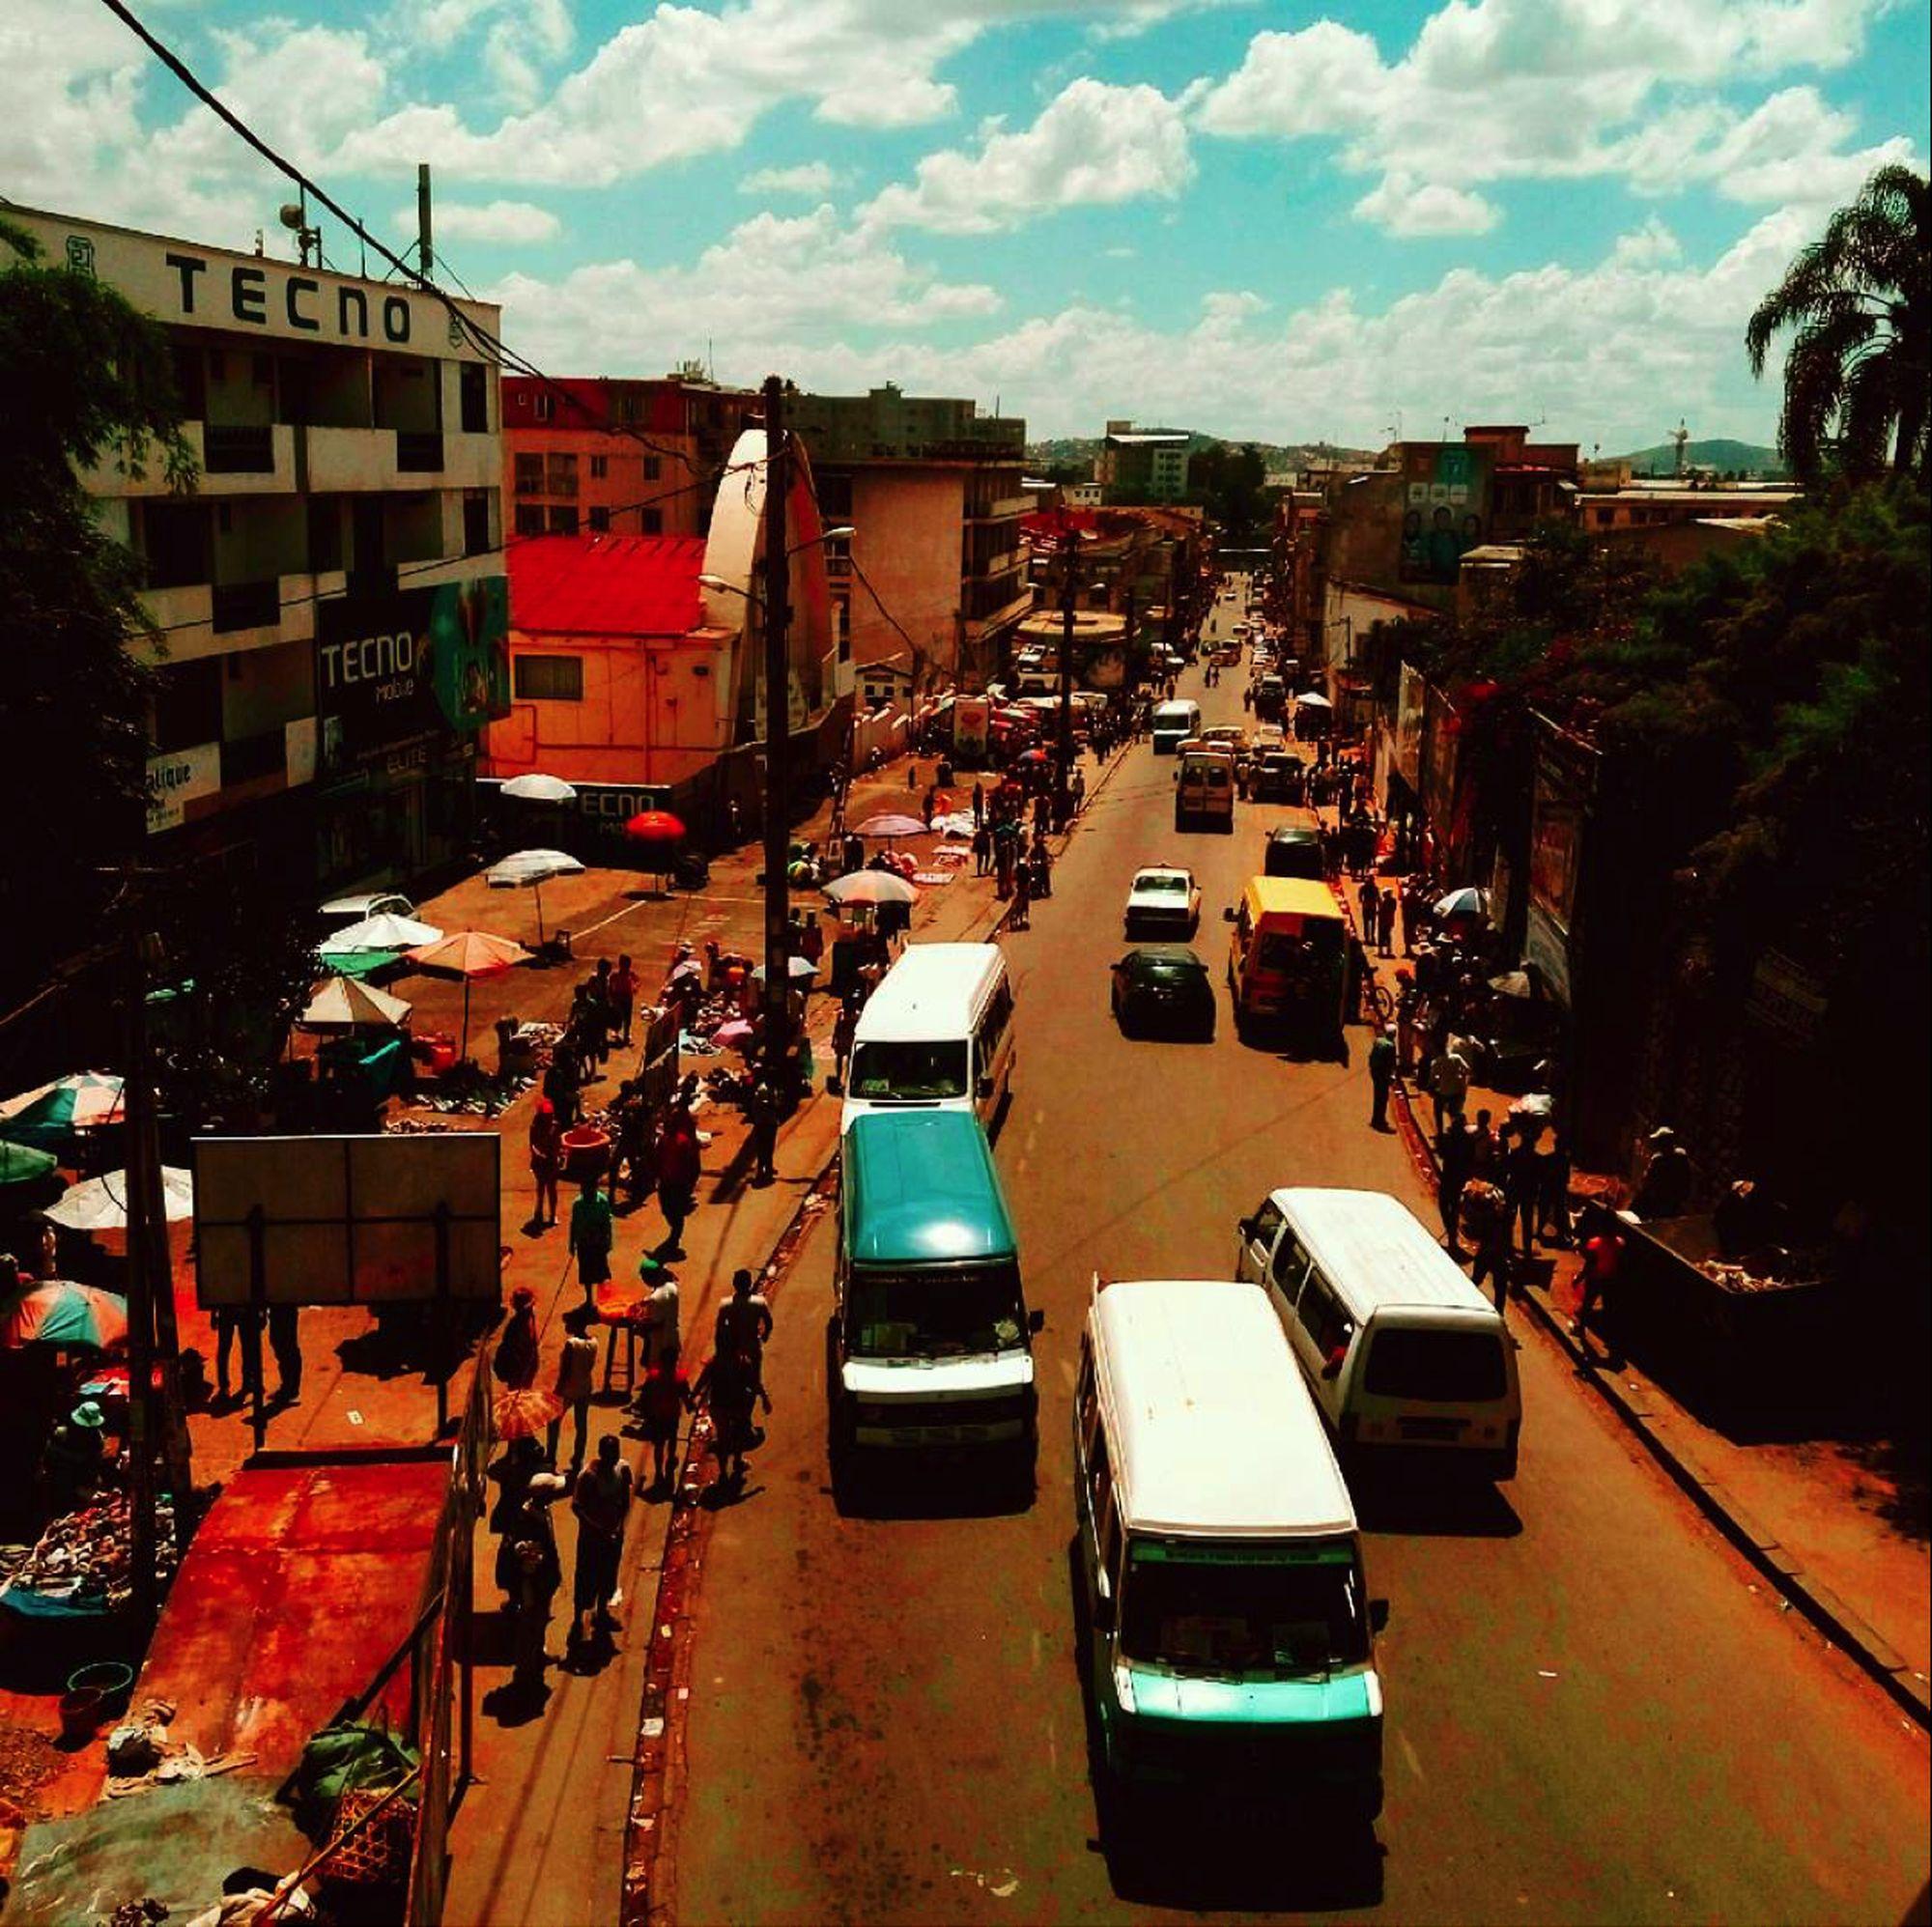 как поехать в мадагаскар путешествие гид по мадагаскару советы малагасийцы мальгаши африка отвратительные мужики disgusting men